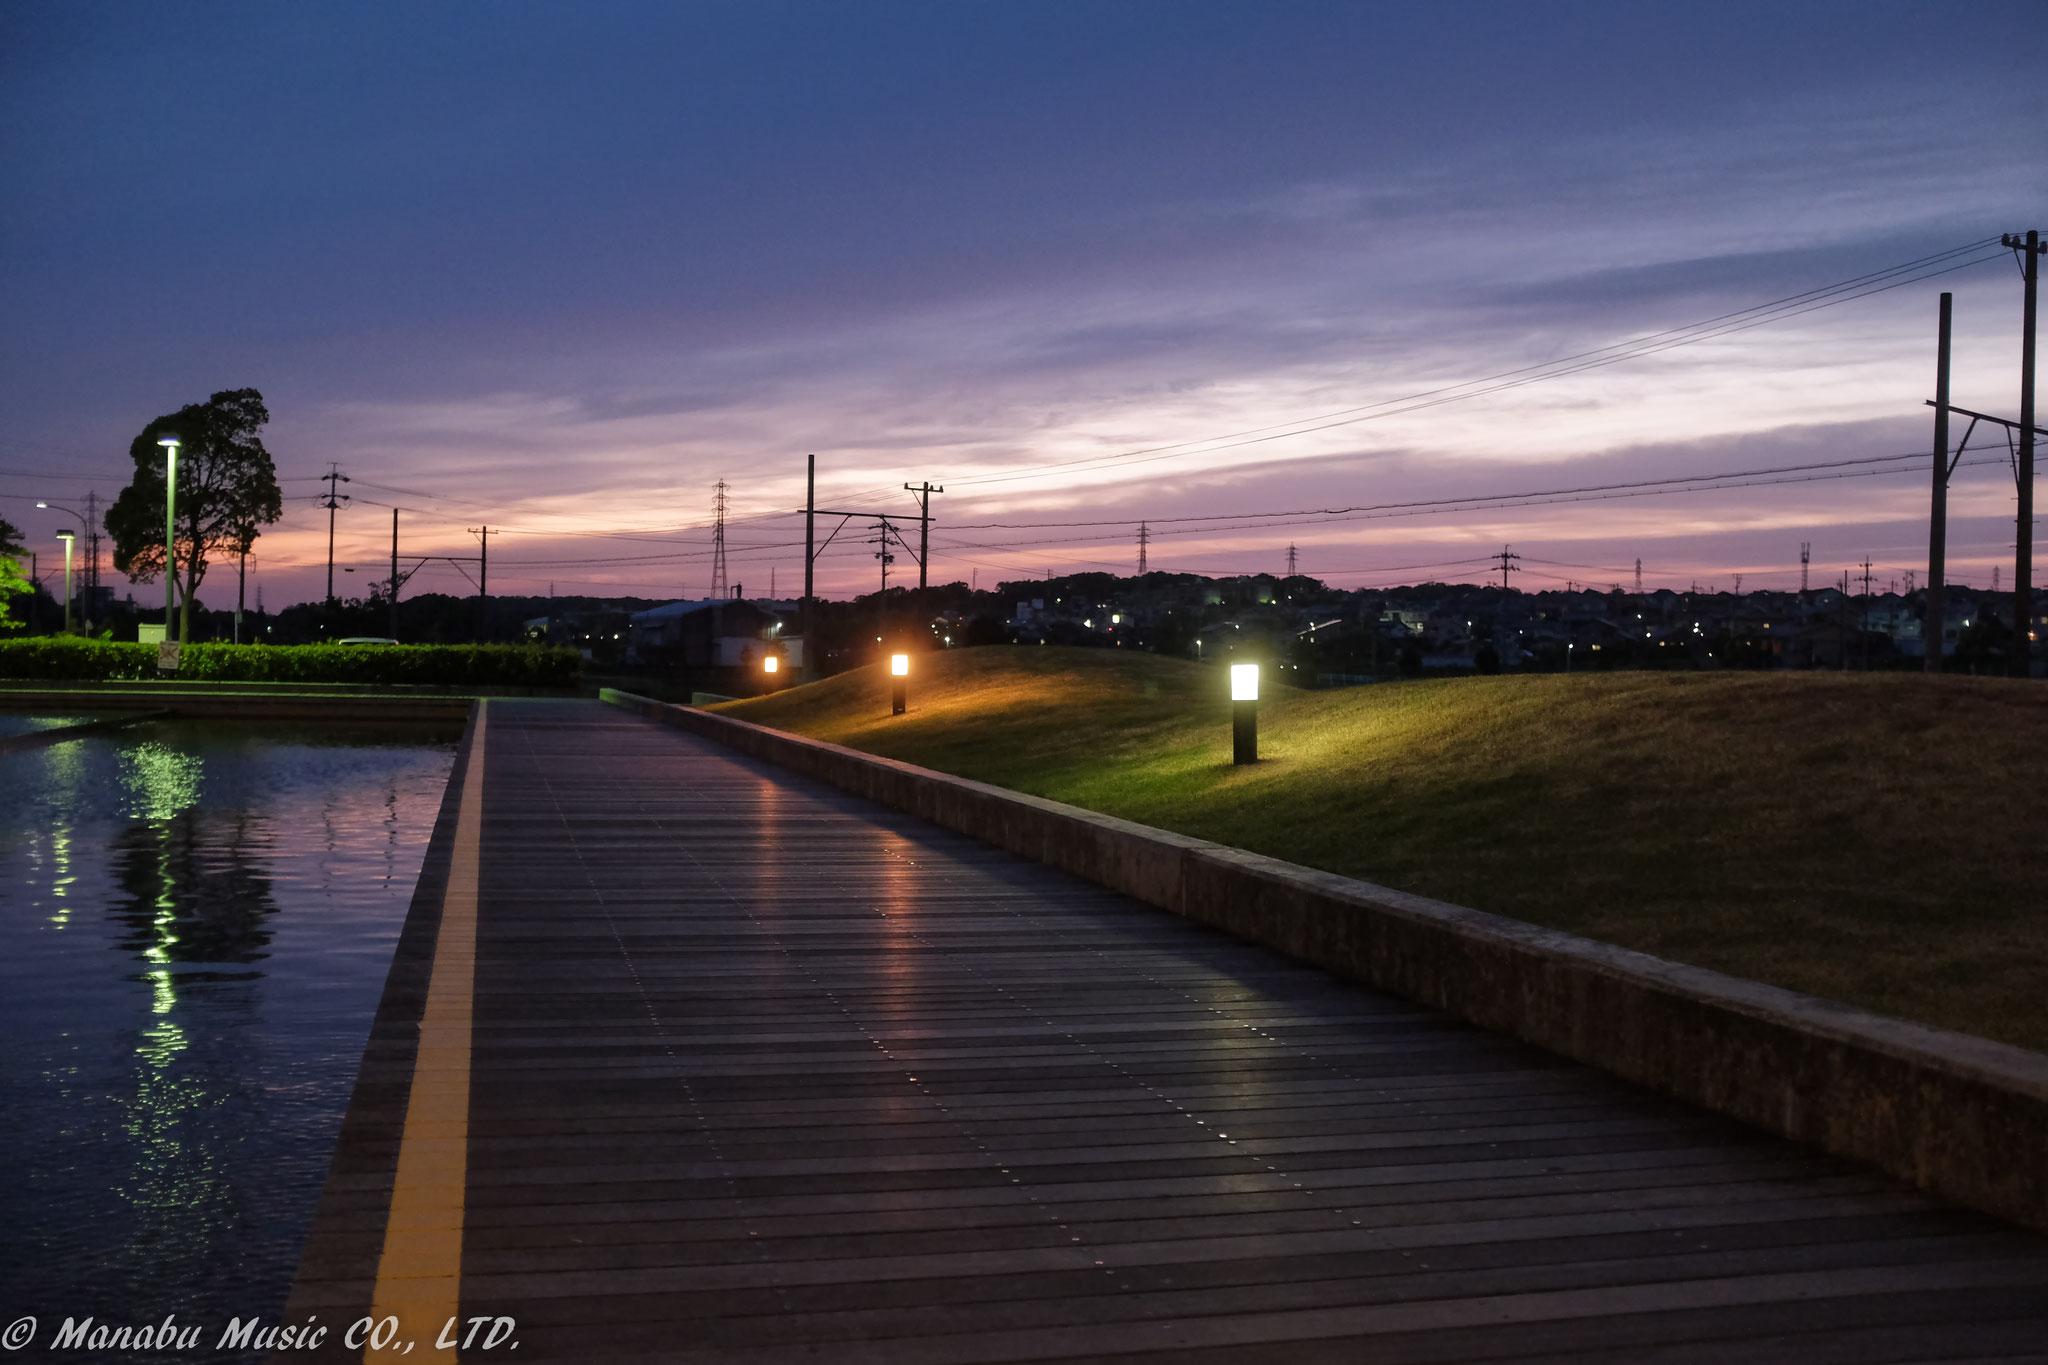 武豊町、ゆめたろうプラザからの夕景  Fujifilm X100T